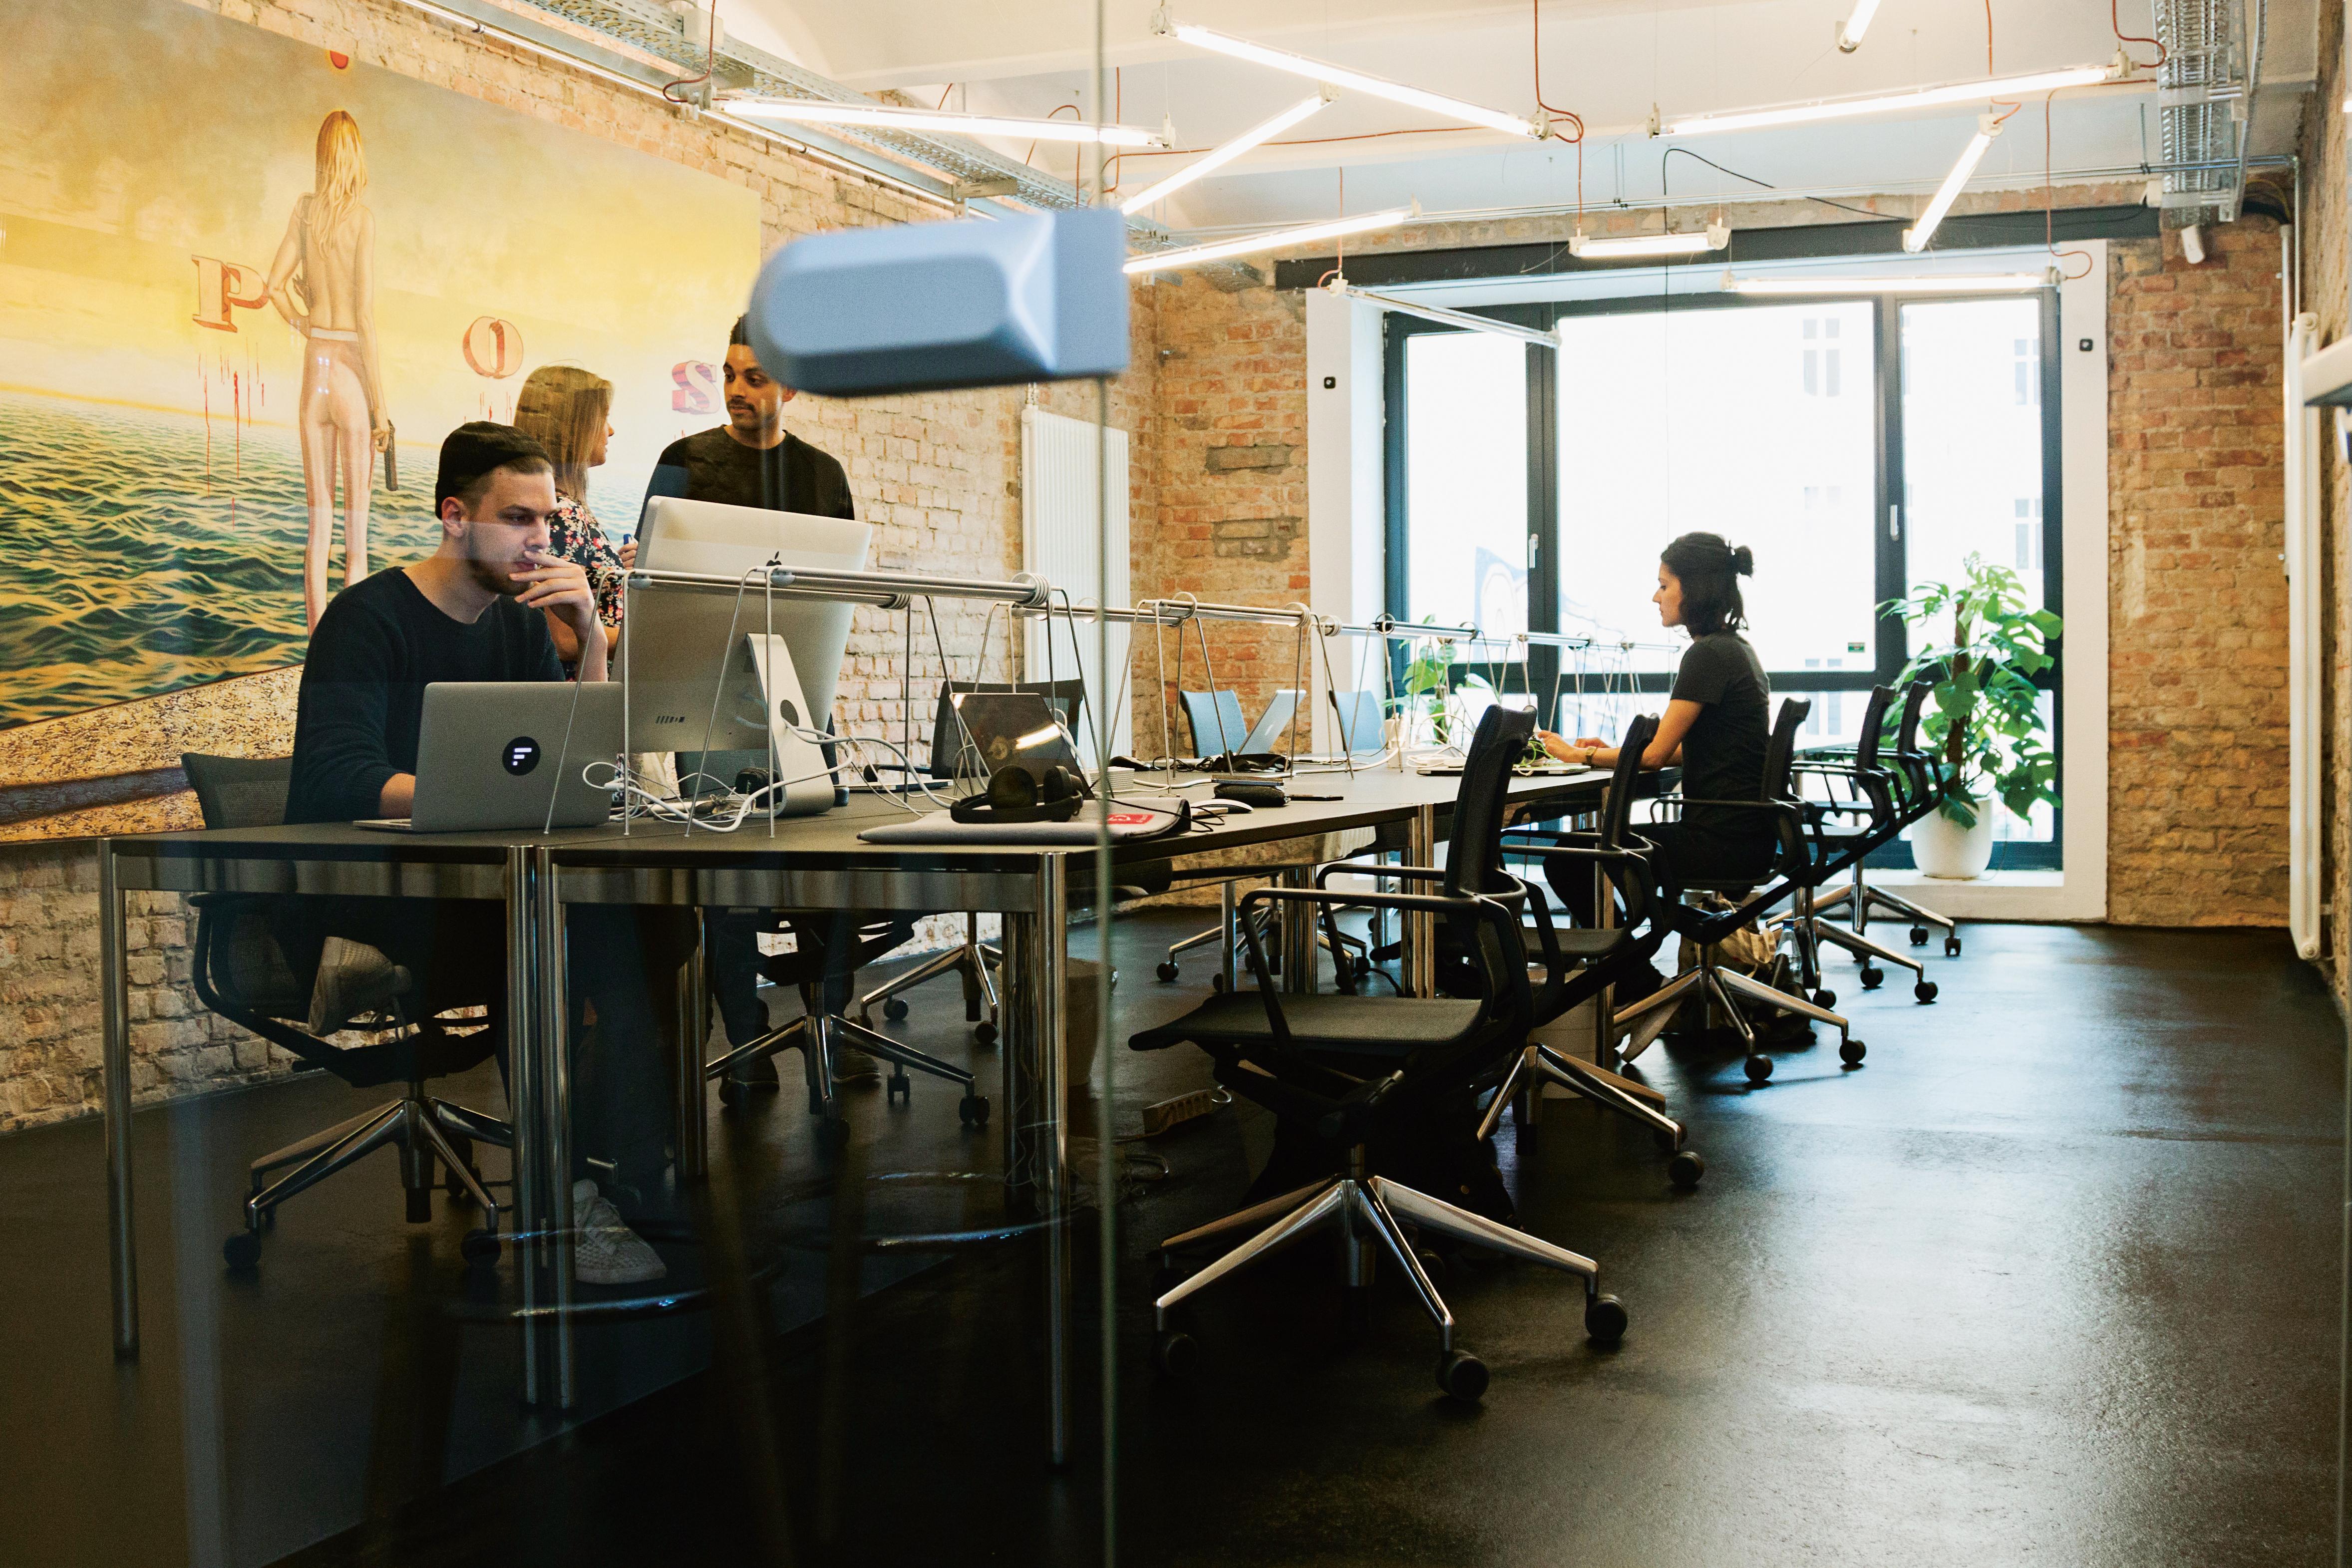 Les bureaux se font itinérants entreprises les plus de la